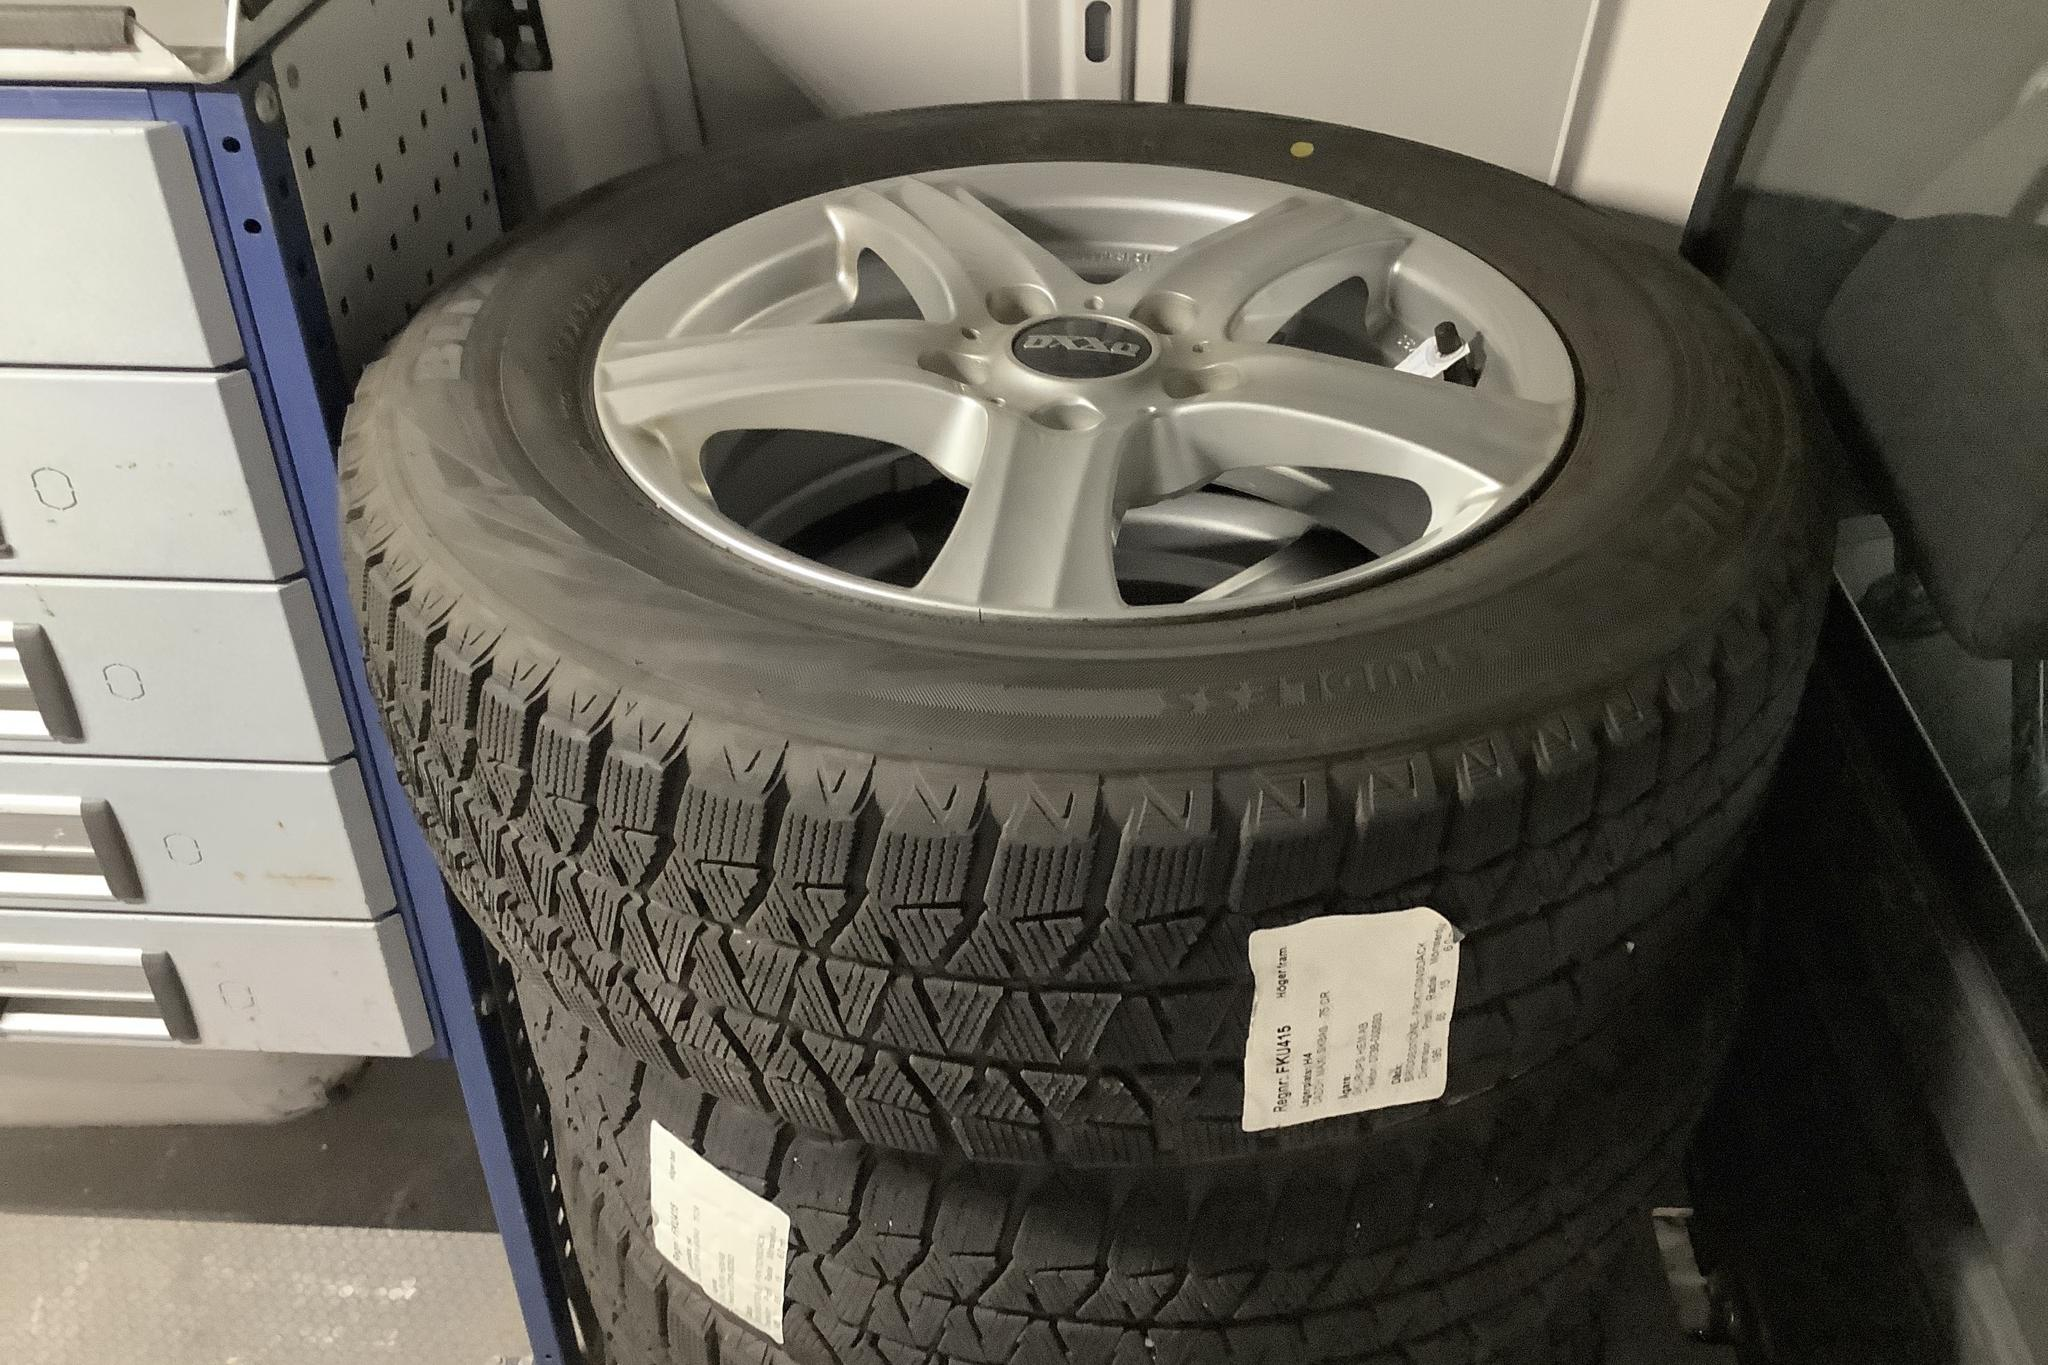 VW Caddy 2.0 TDI Maxi Skåp (102hk) - 3 744 mil - Manuell - vit - 2017